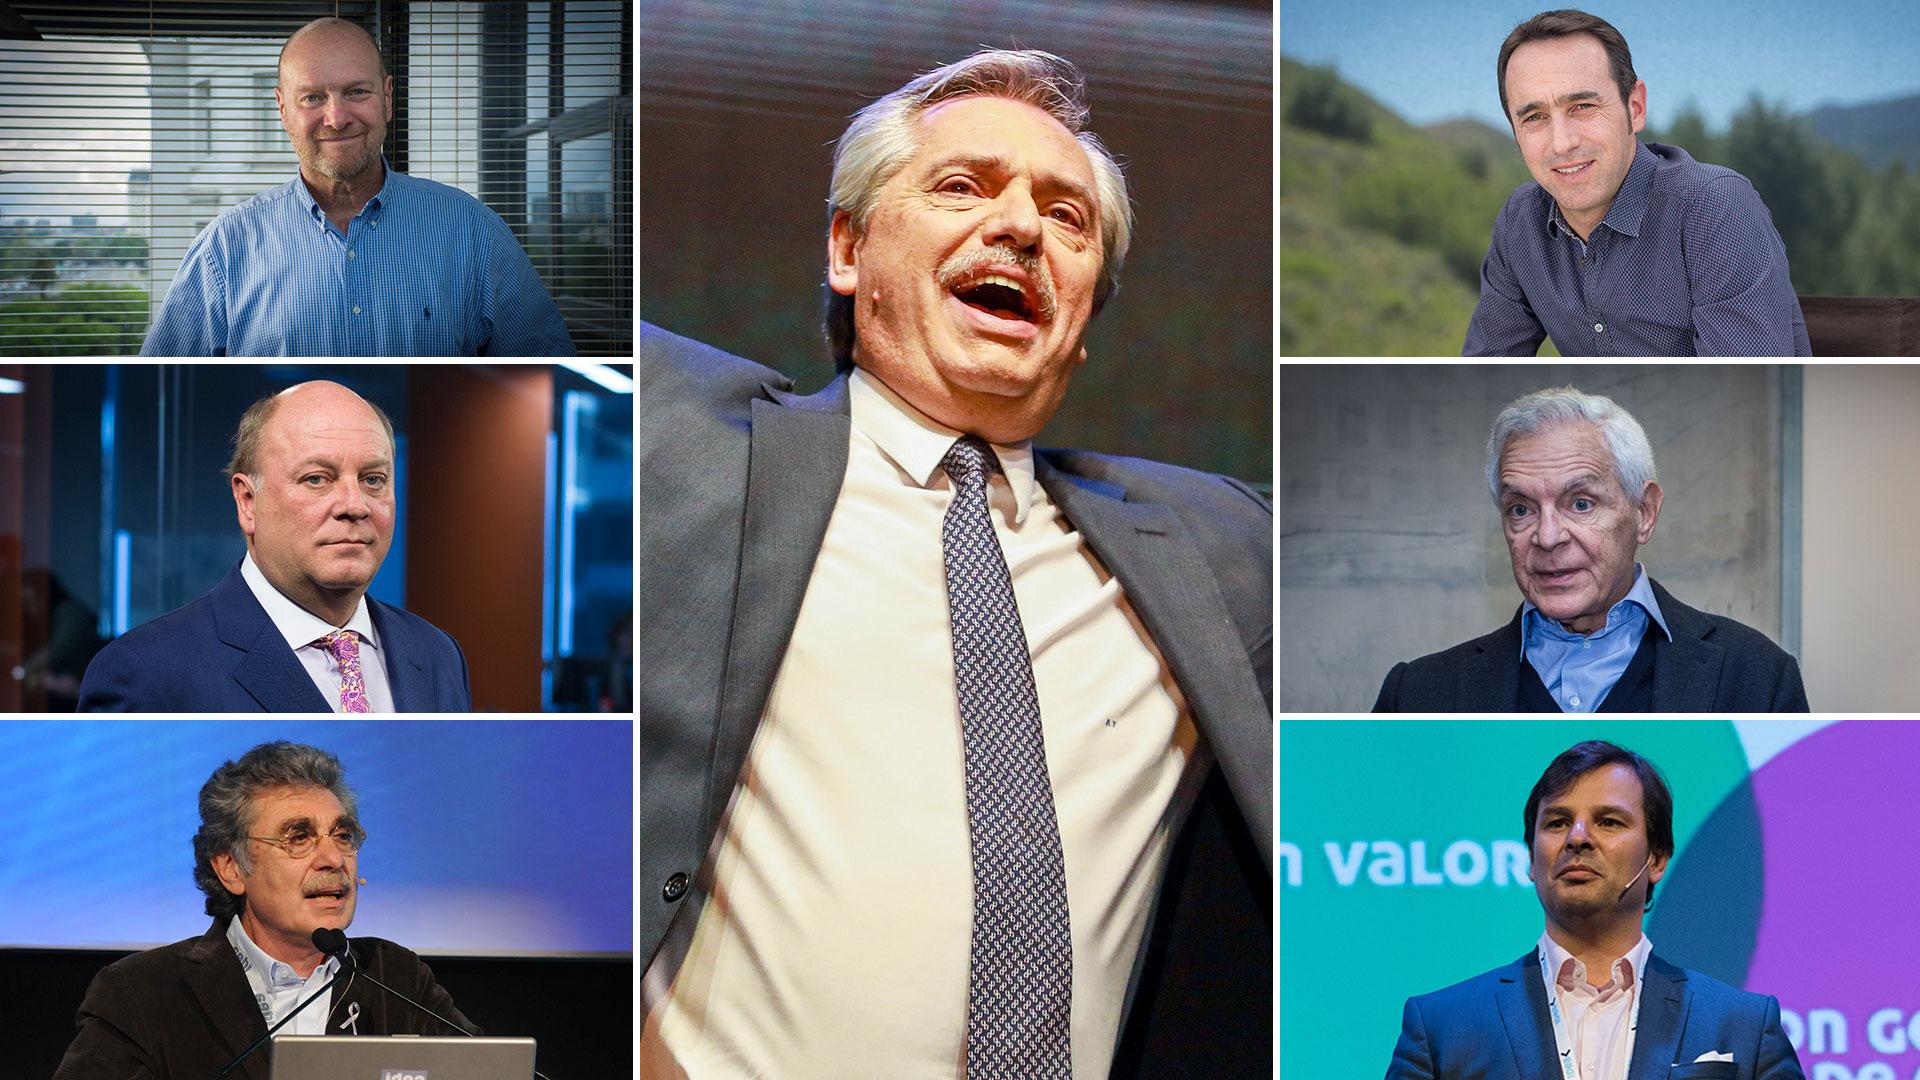 Los empresarios en su laberinto: dudas, enojos y reuniones con Alberto Fernández - Infobae